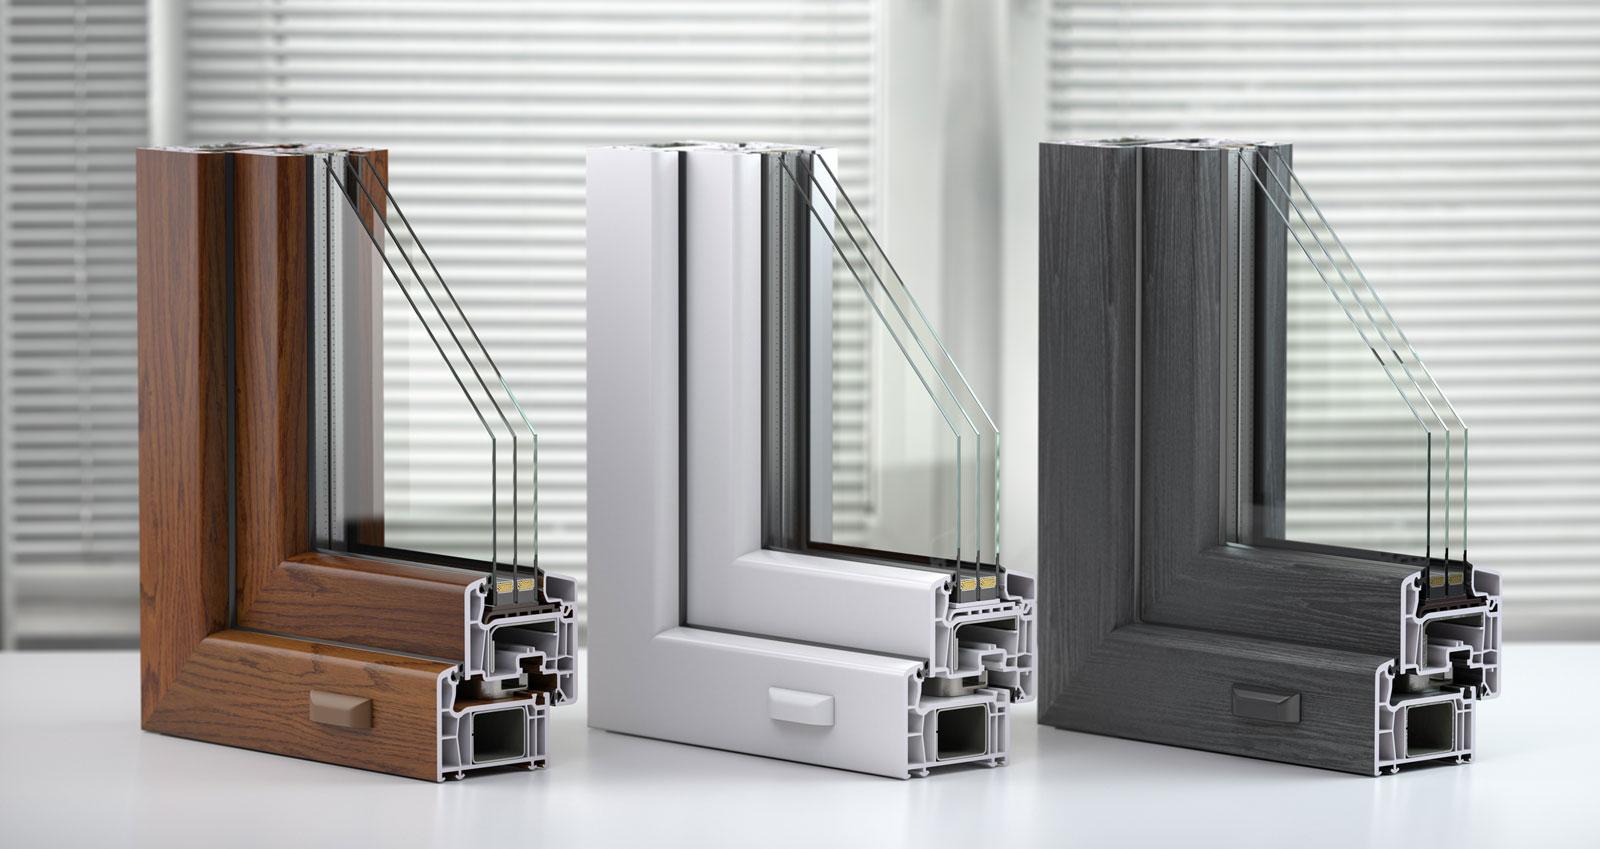 Fenster mit Dreischeiben-Wärmeschutzglas